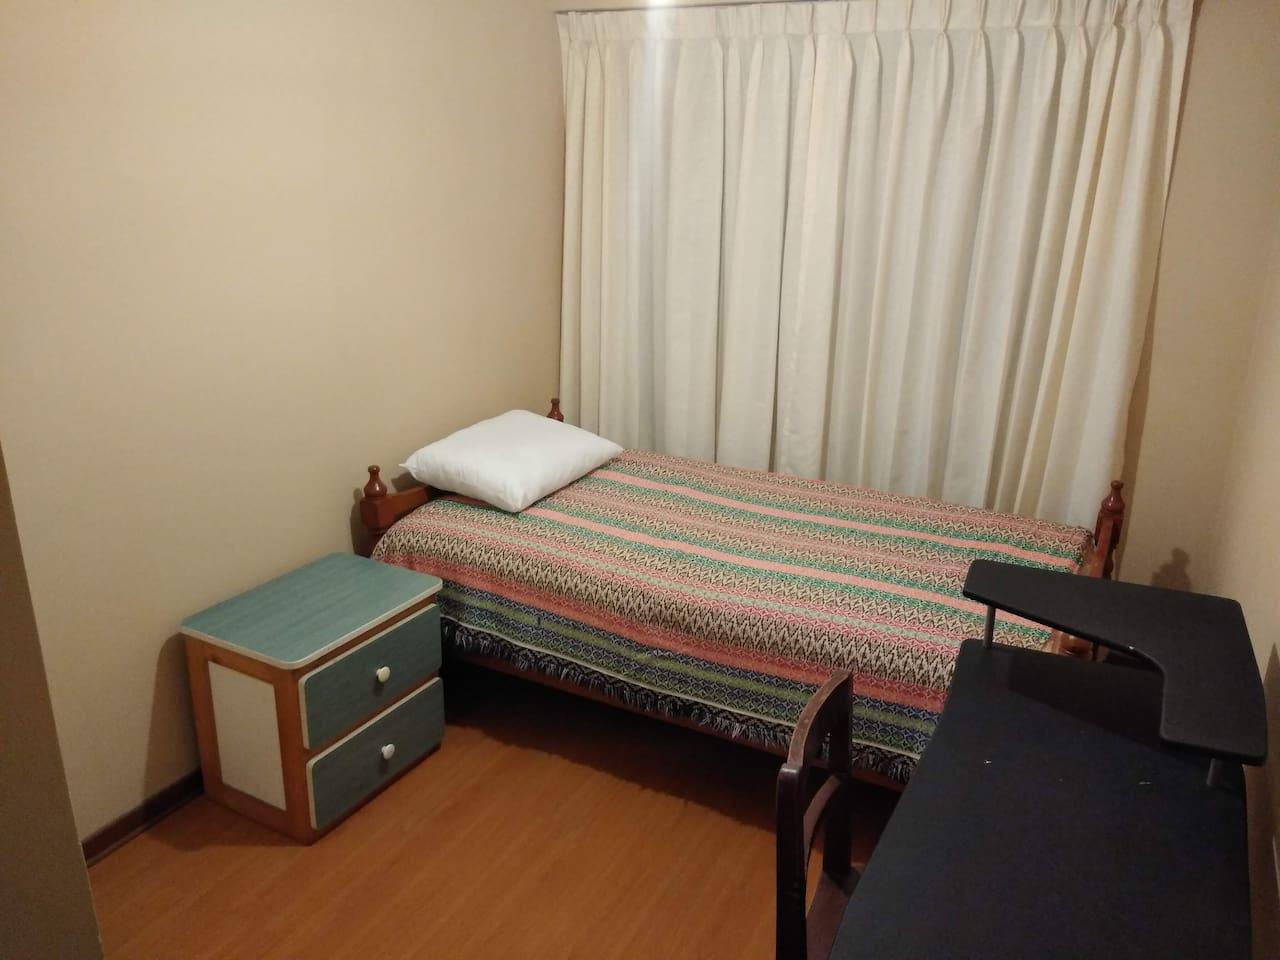 Habitación muy cómoda con mesa de trabajo, velador y clóset